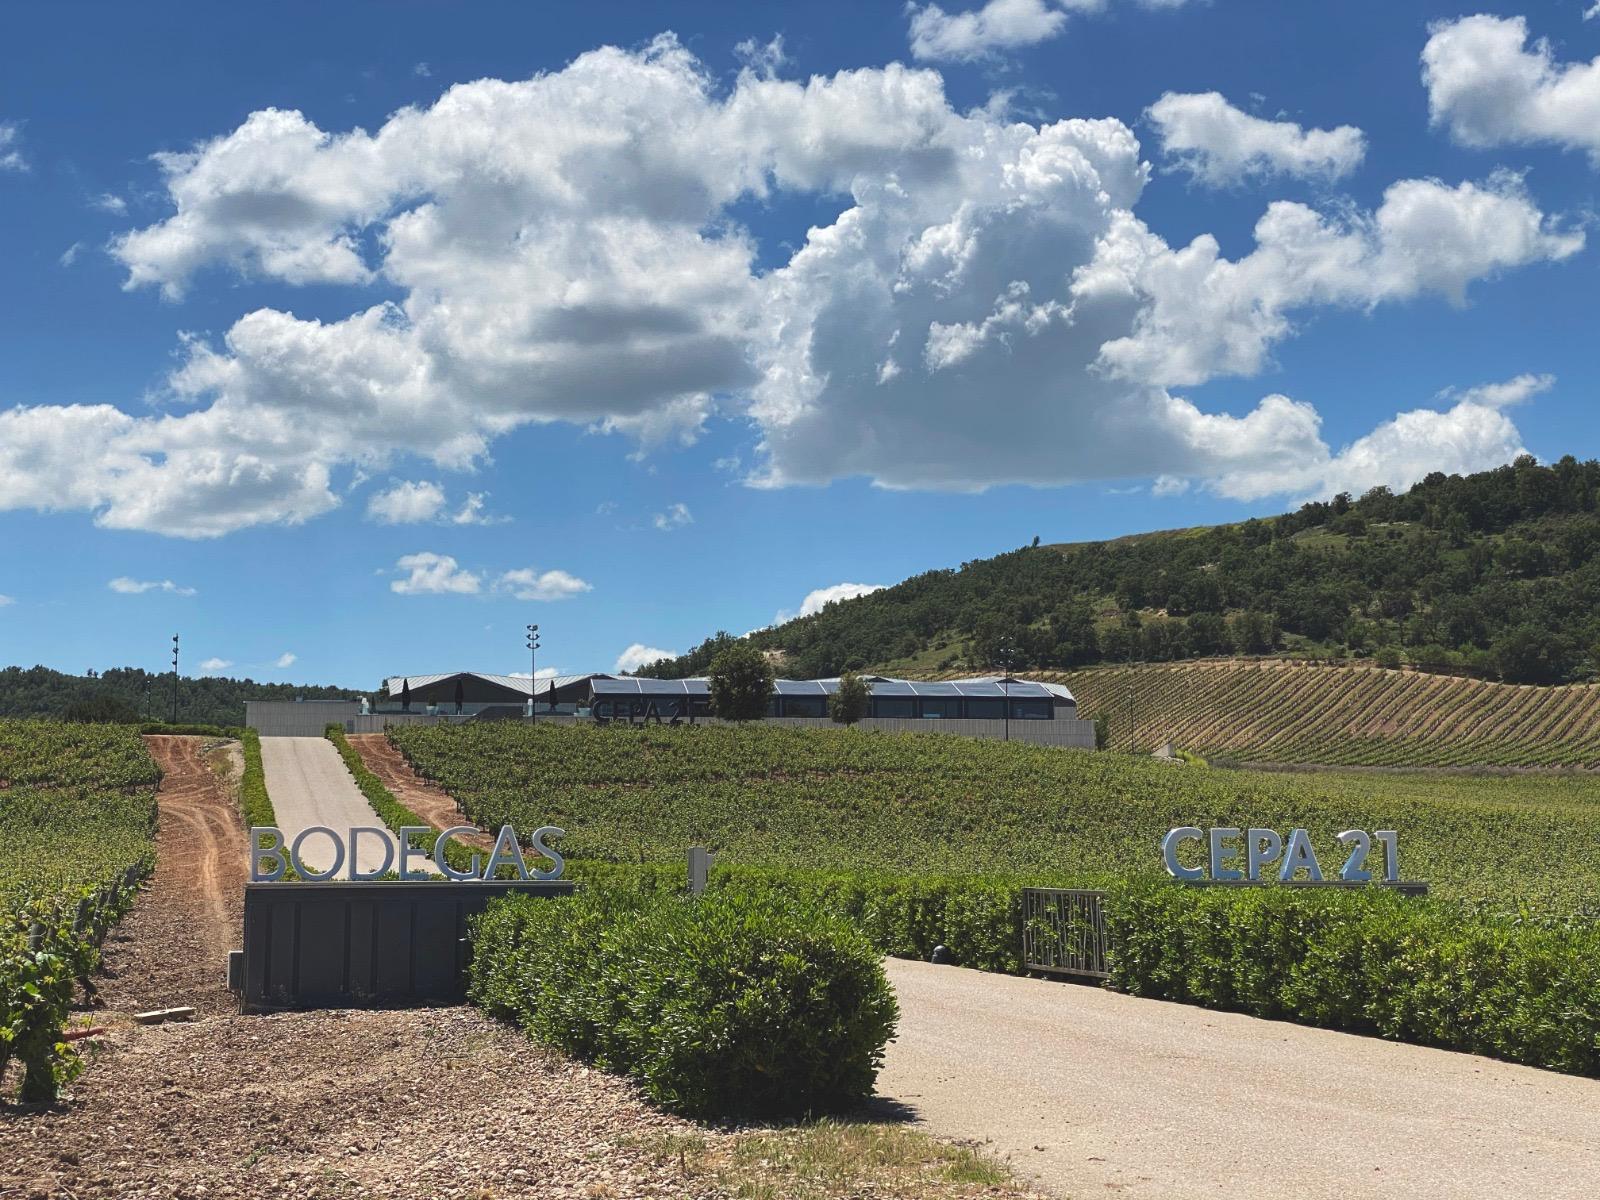 Cepa 21 cuenta con las soluciones de inteligencia artificial de ibm para elaborar los mejores vinos de cada cosecha